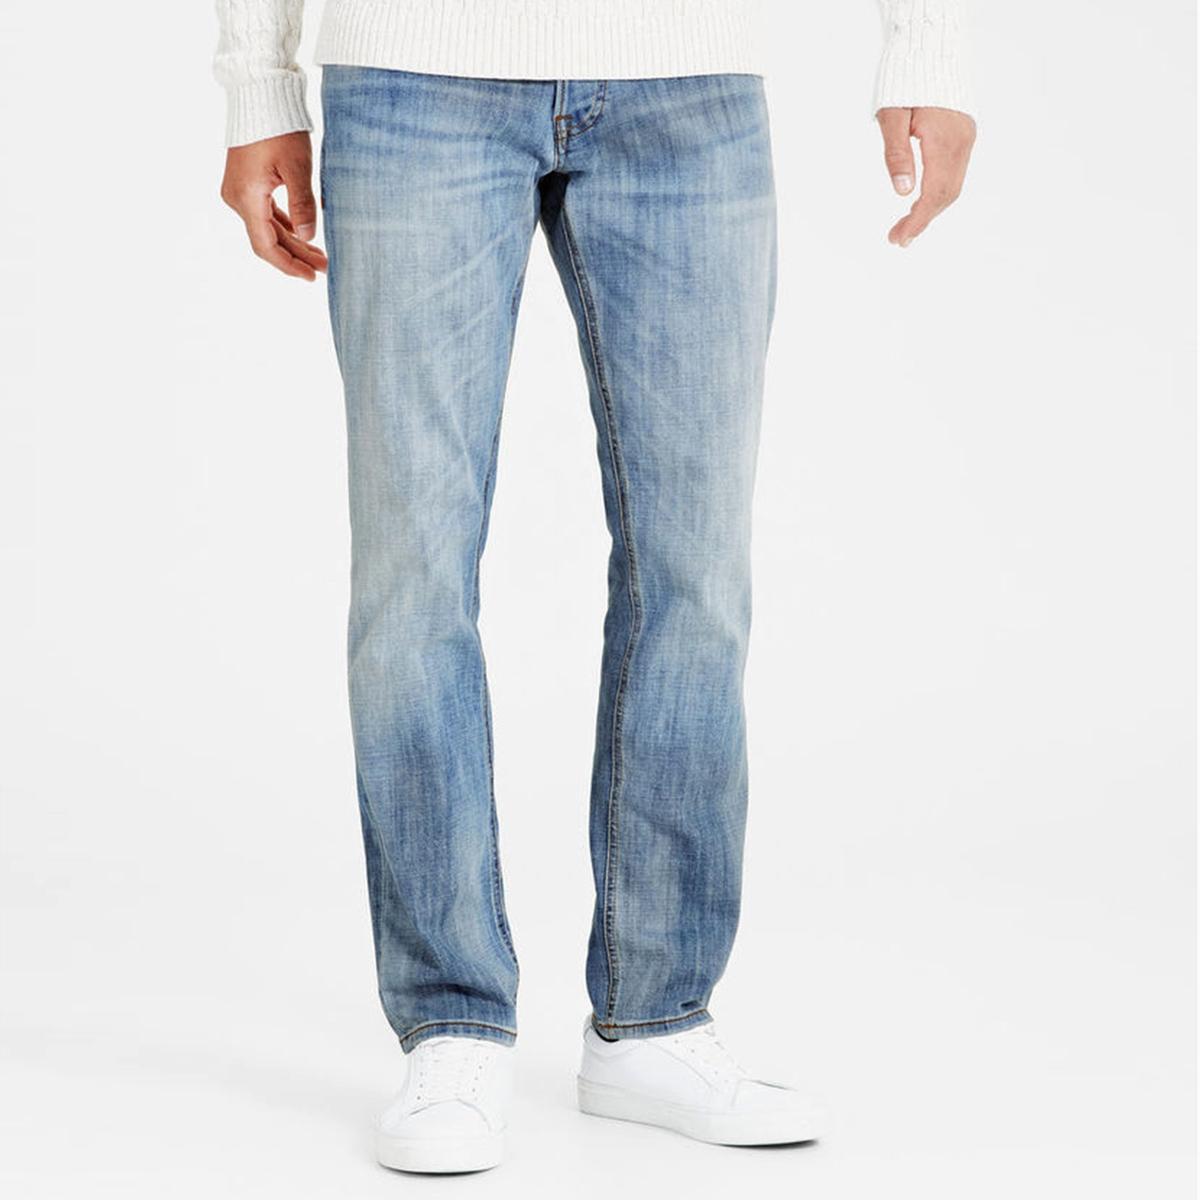 Джинсы узкие JJITIM ORIGINAL GE 987Узкие джинсы. Пояс со шлевками. Планка застежки на молнию. Состав и описание :Материал         деним стретч, 99% хлопка, 1% эластанаМарка         JACK &amp; JONESУход :Машинная стирка при 30 °С с вещами схожих цветовСтирать и гладить с изнаночной стороныГладить при умеренной температуре<br><br>Цвет: выбеленный<br>Размер: 28 (US) длина 32.34  длина 34 (US).32 длина 34 (US).32 (US) длина 32.31 (US) длина 34.31 длина 32 (US).30 (US) длина 34.30 (US) длина 32.29 (US) длина 34.29 (US) длина 32